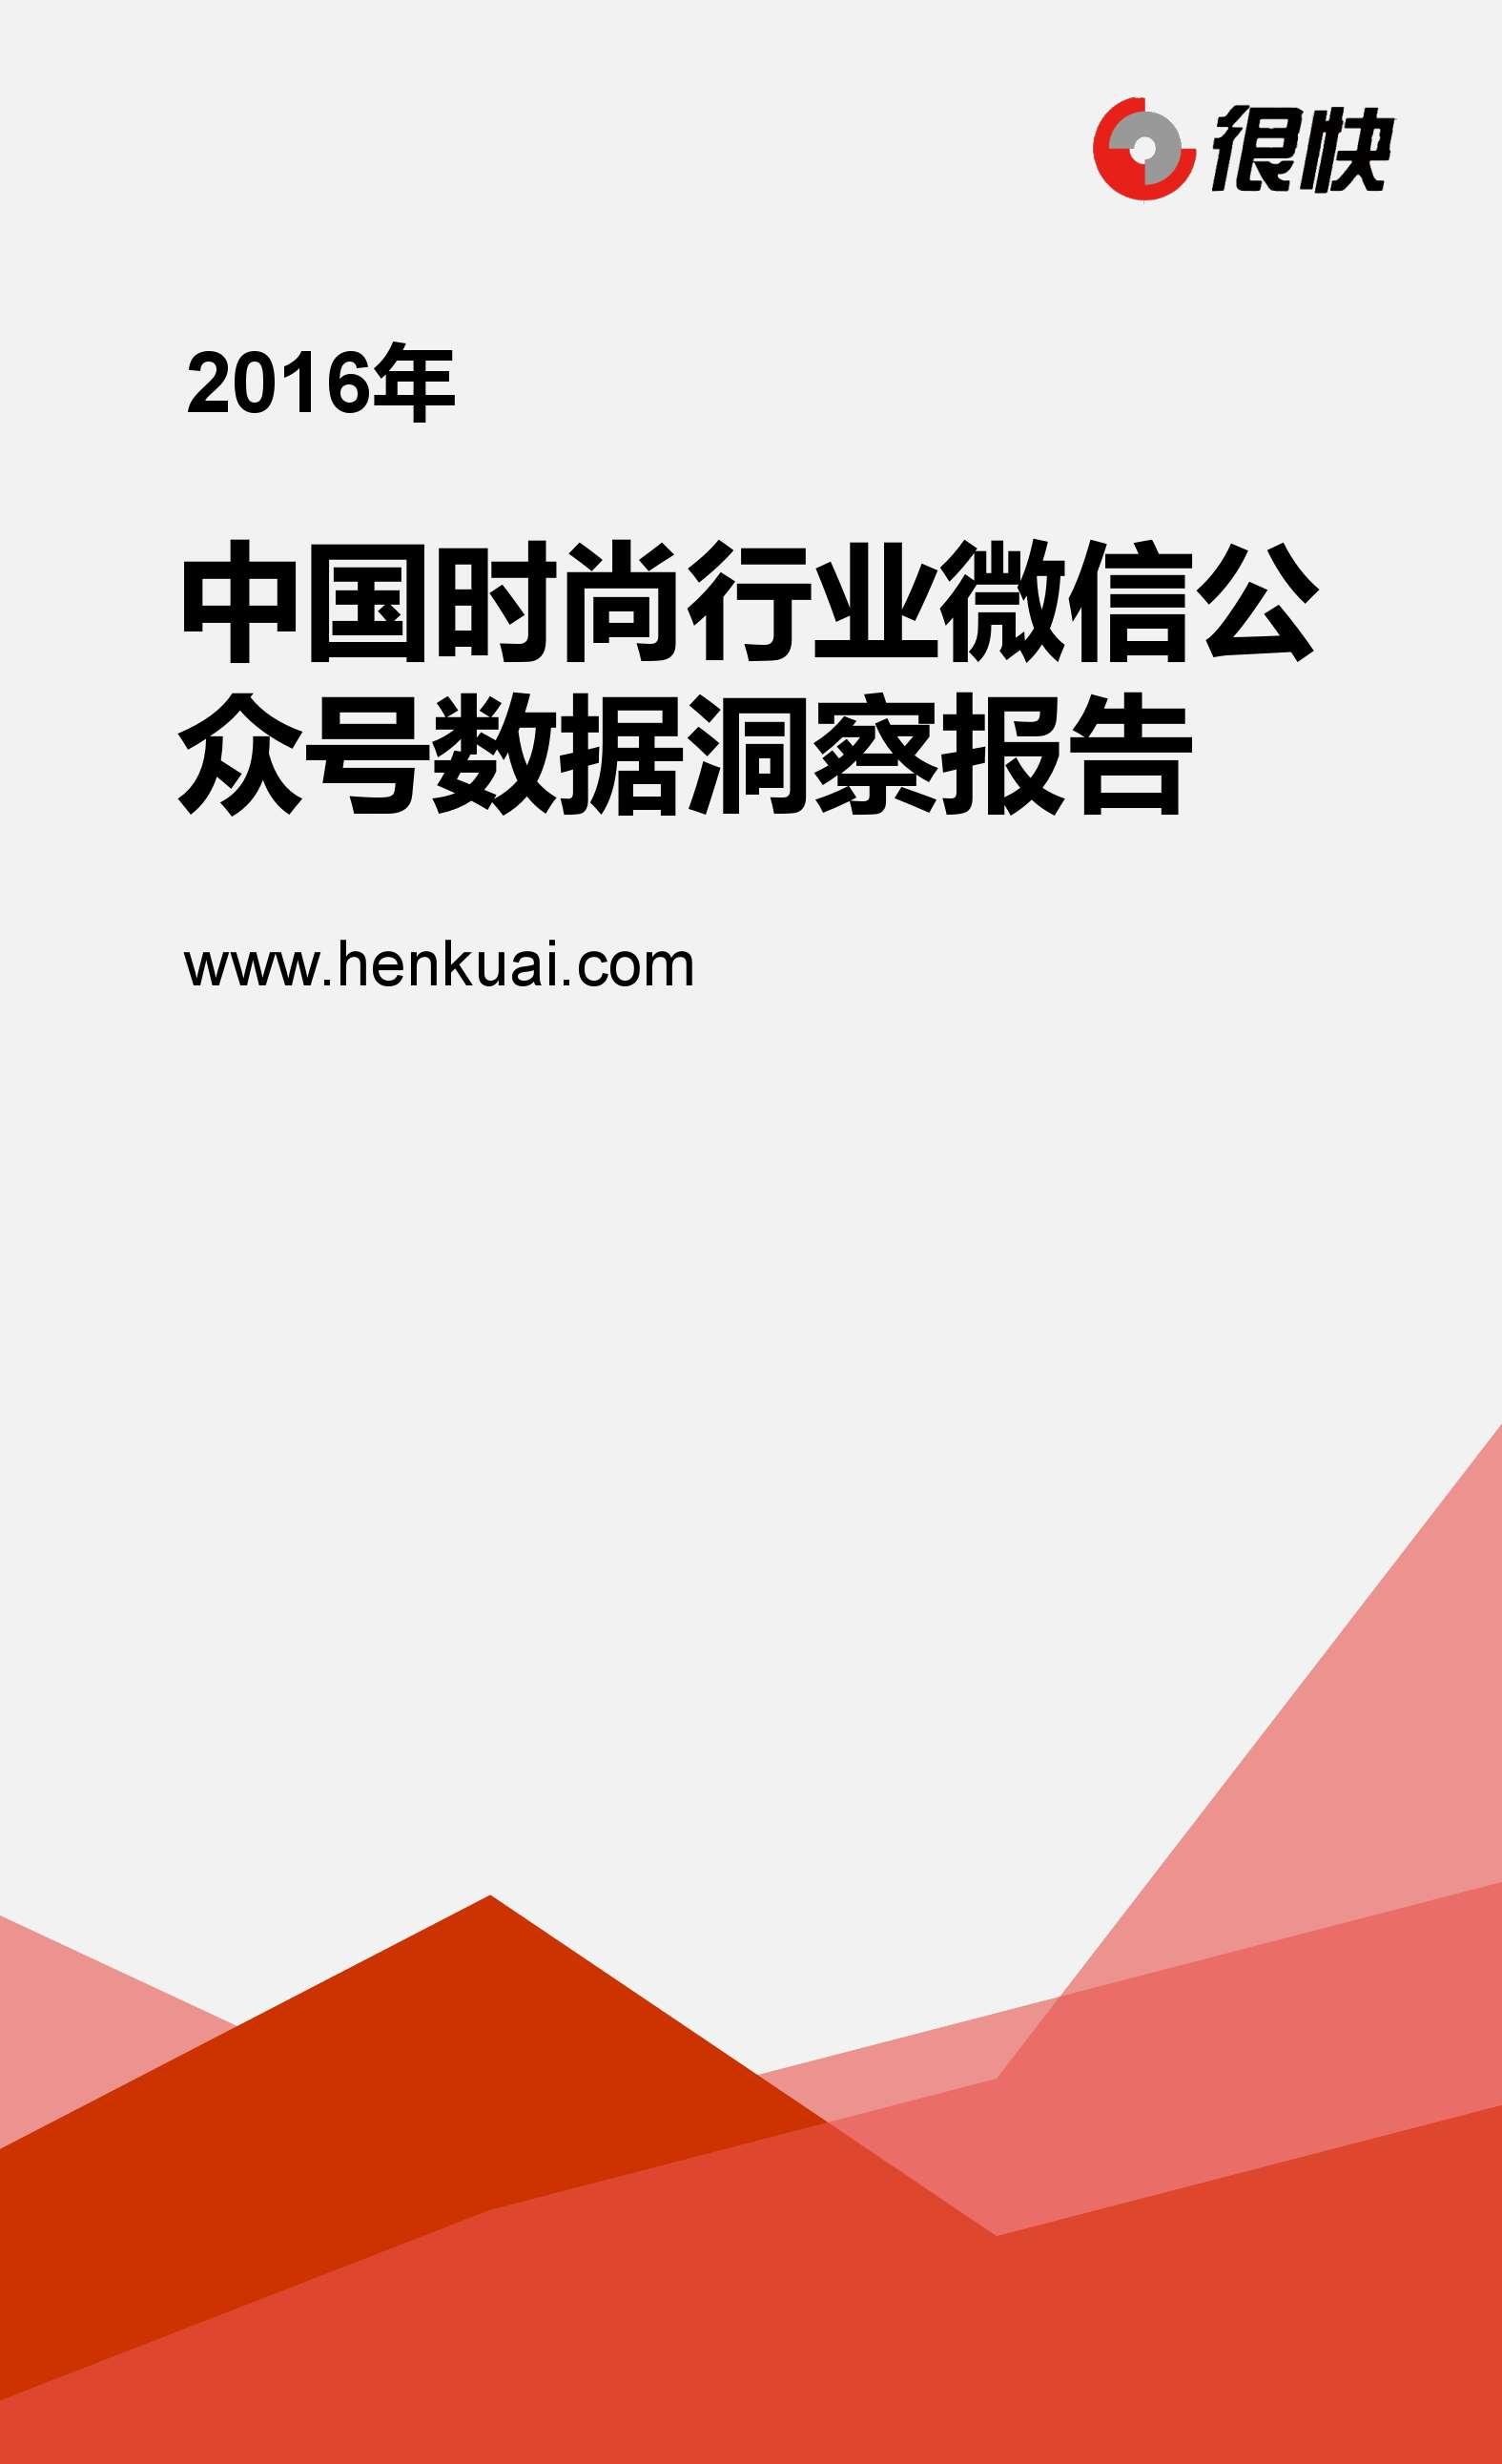 Henkuai-中国行业时尚微信公众号数据洞察报告_000001